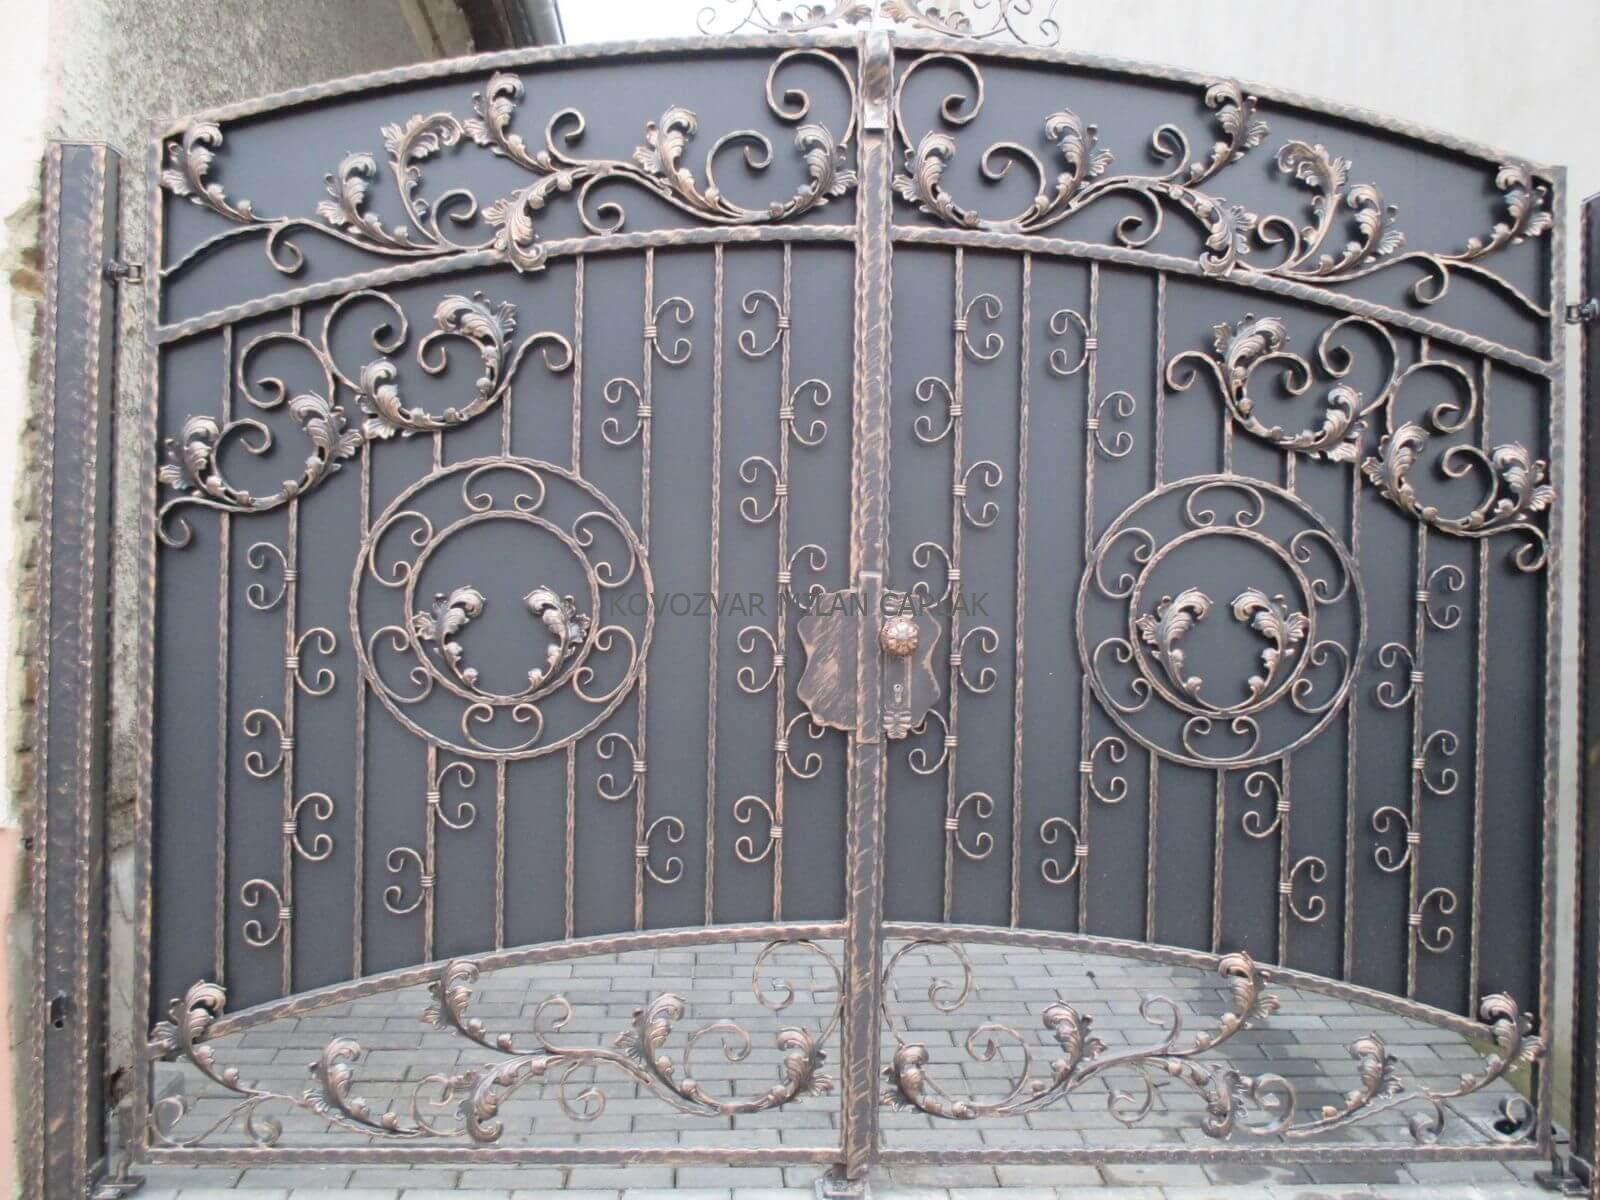 Dodáme Vám posuvné kované brány, samonosné kované brány, dvojkrídlové kované brány, pozinkované kované brány, práškovo maľované kované brány a luxusné kované brány. Vlastné rozmery kovanej brány, cenová ponuka zadarmo a dovoz v rámci celej SR.